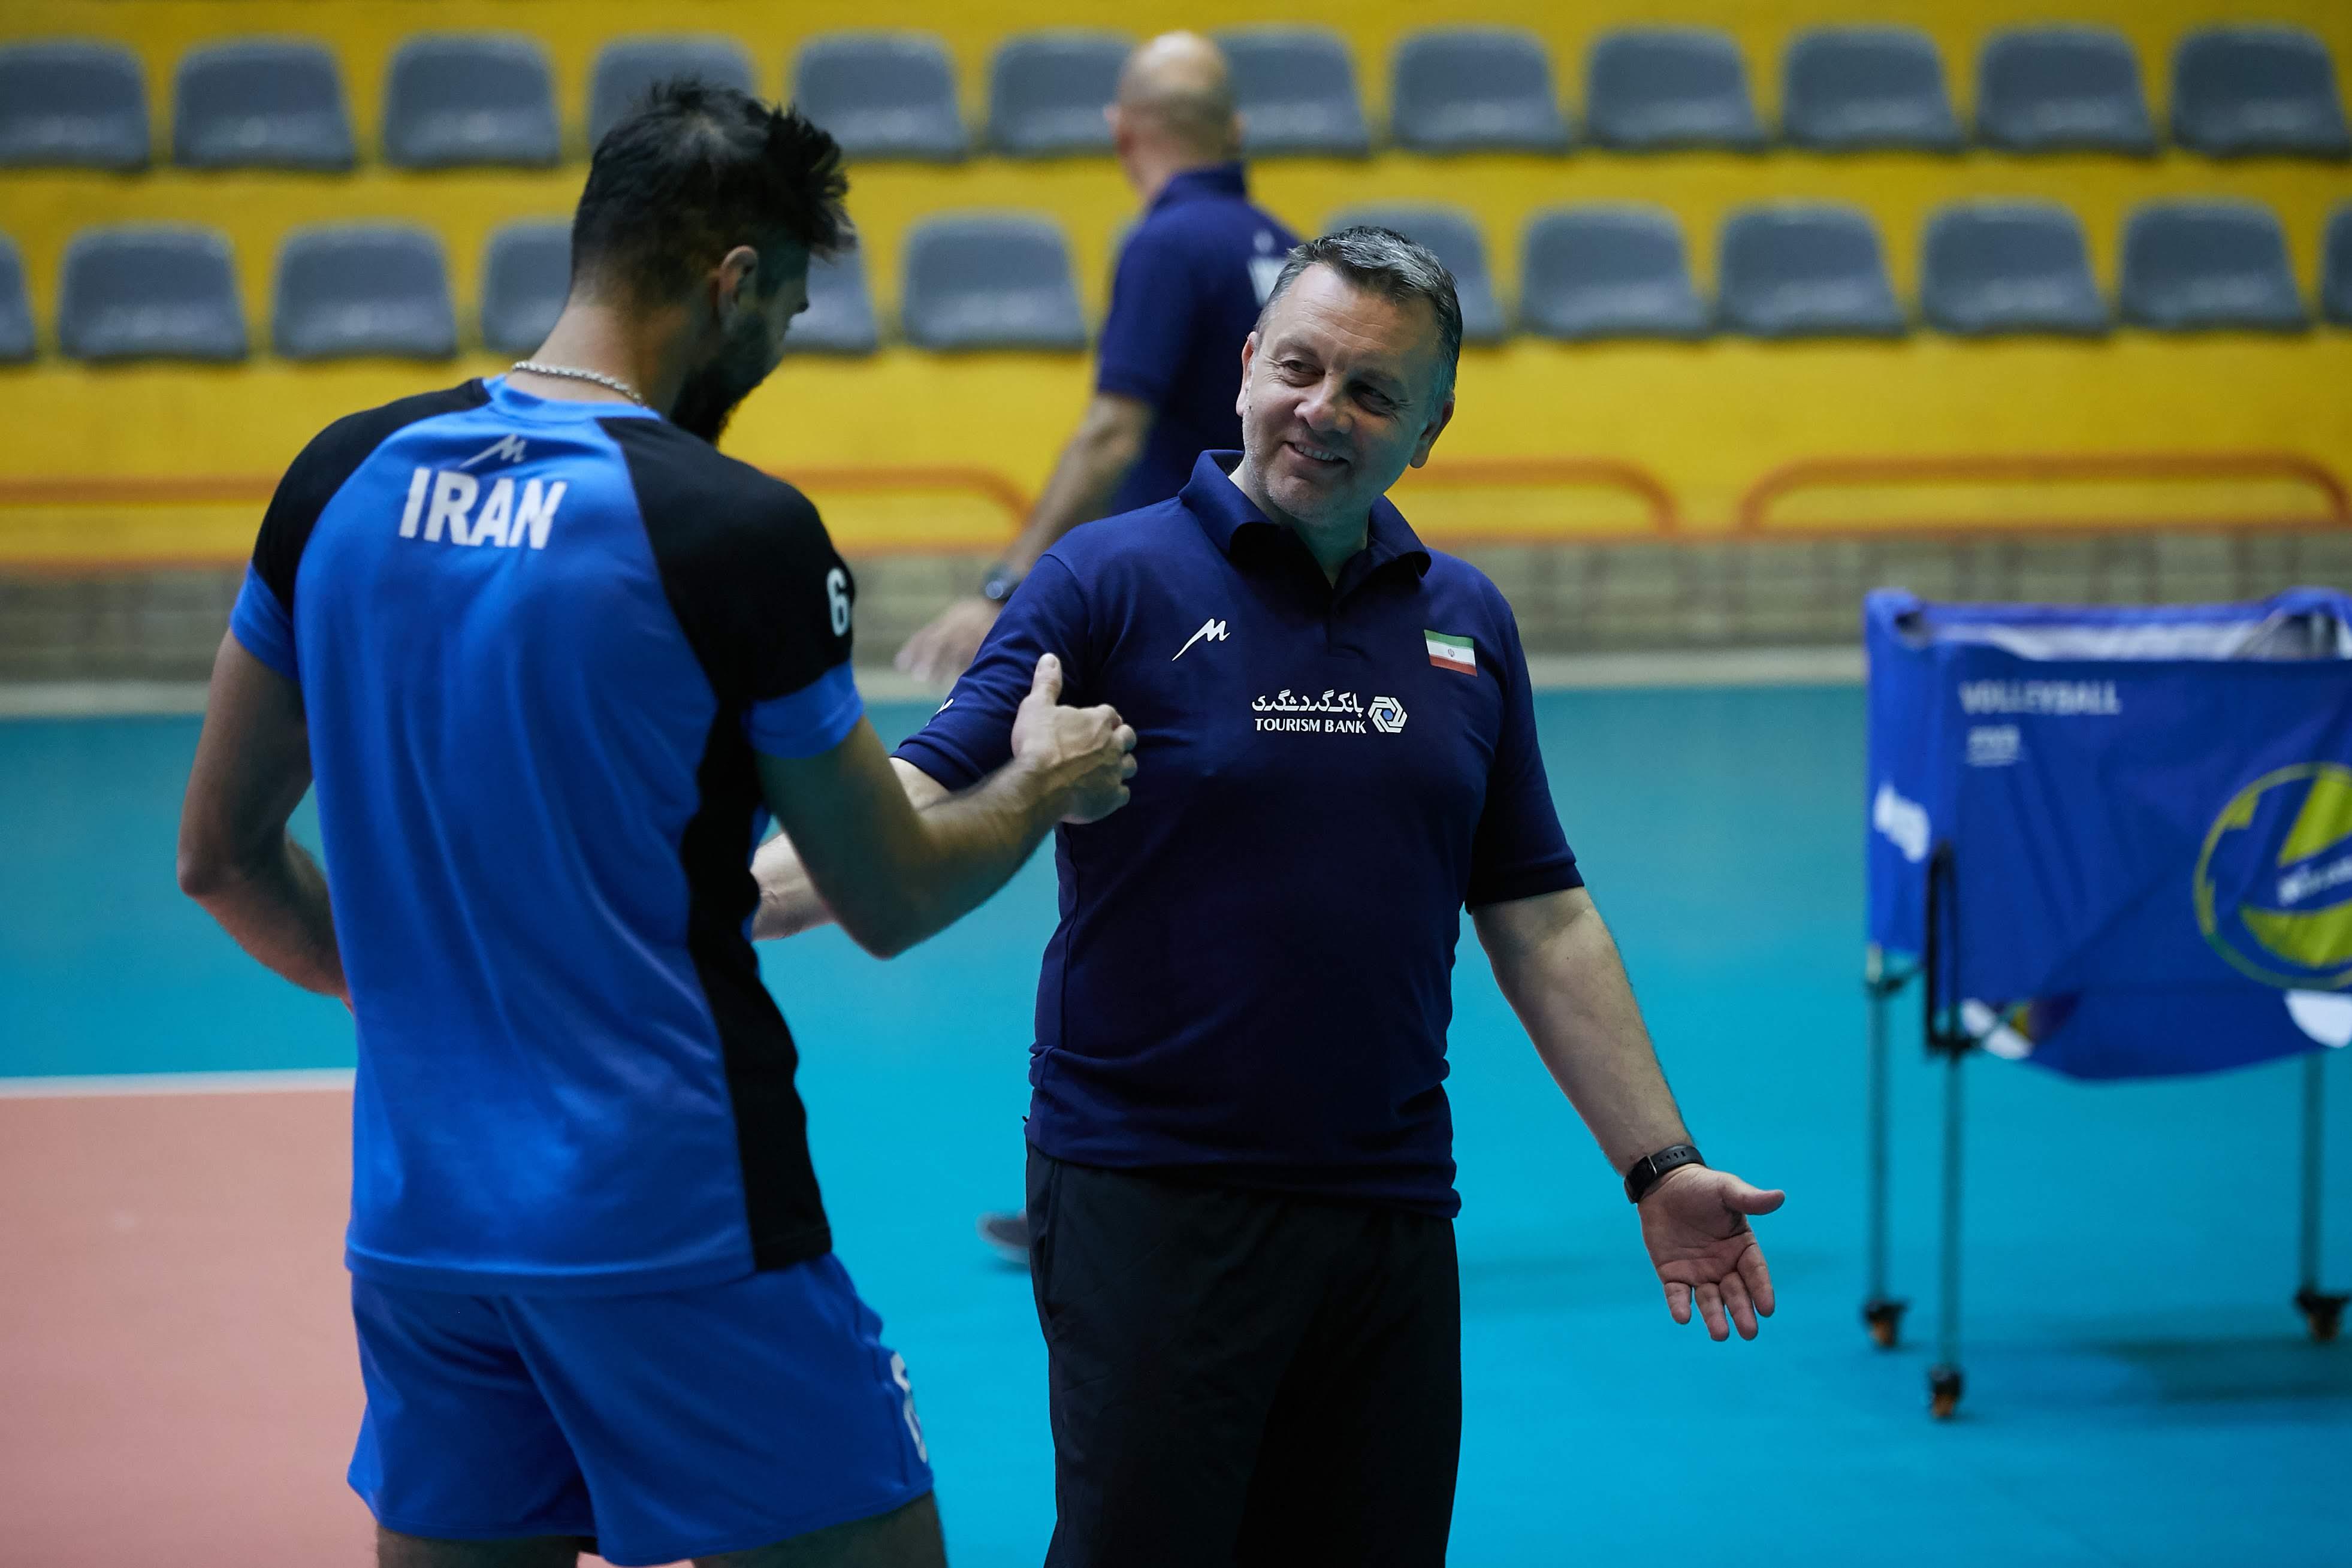 کولاکوویچ: ایرانیها ملت بافرهنگی هستند/ کوبیاک اشتباه کرد